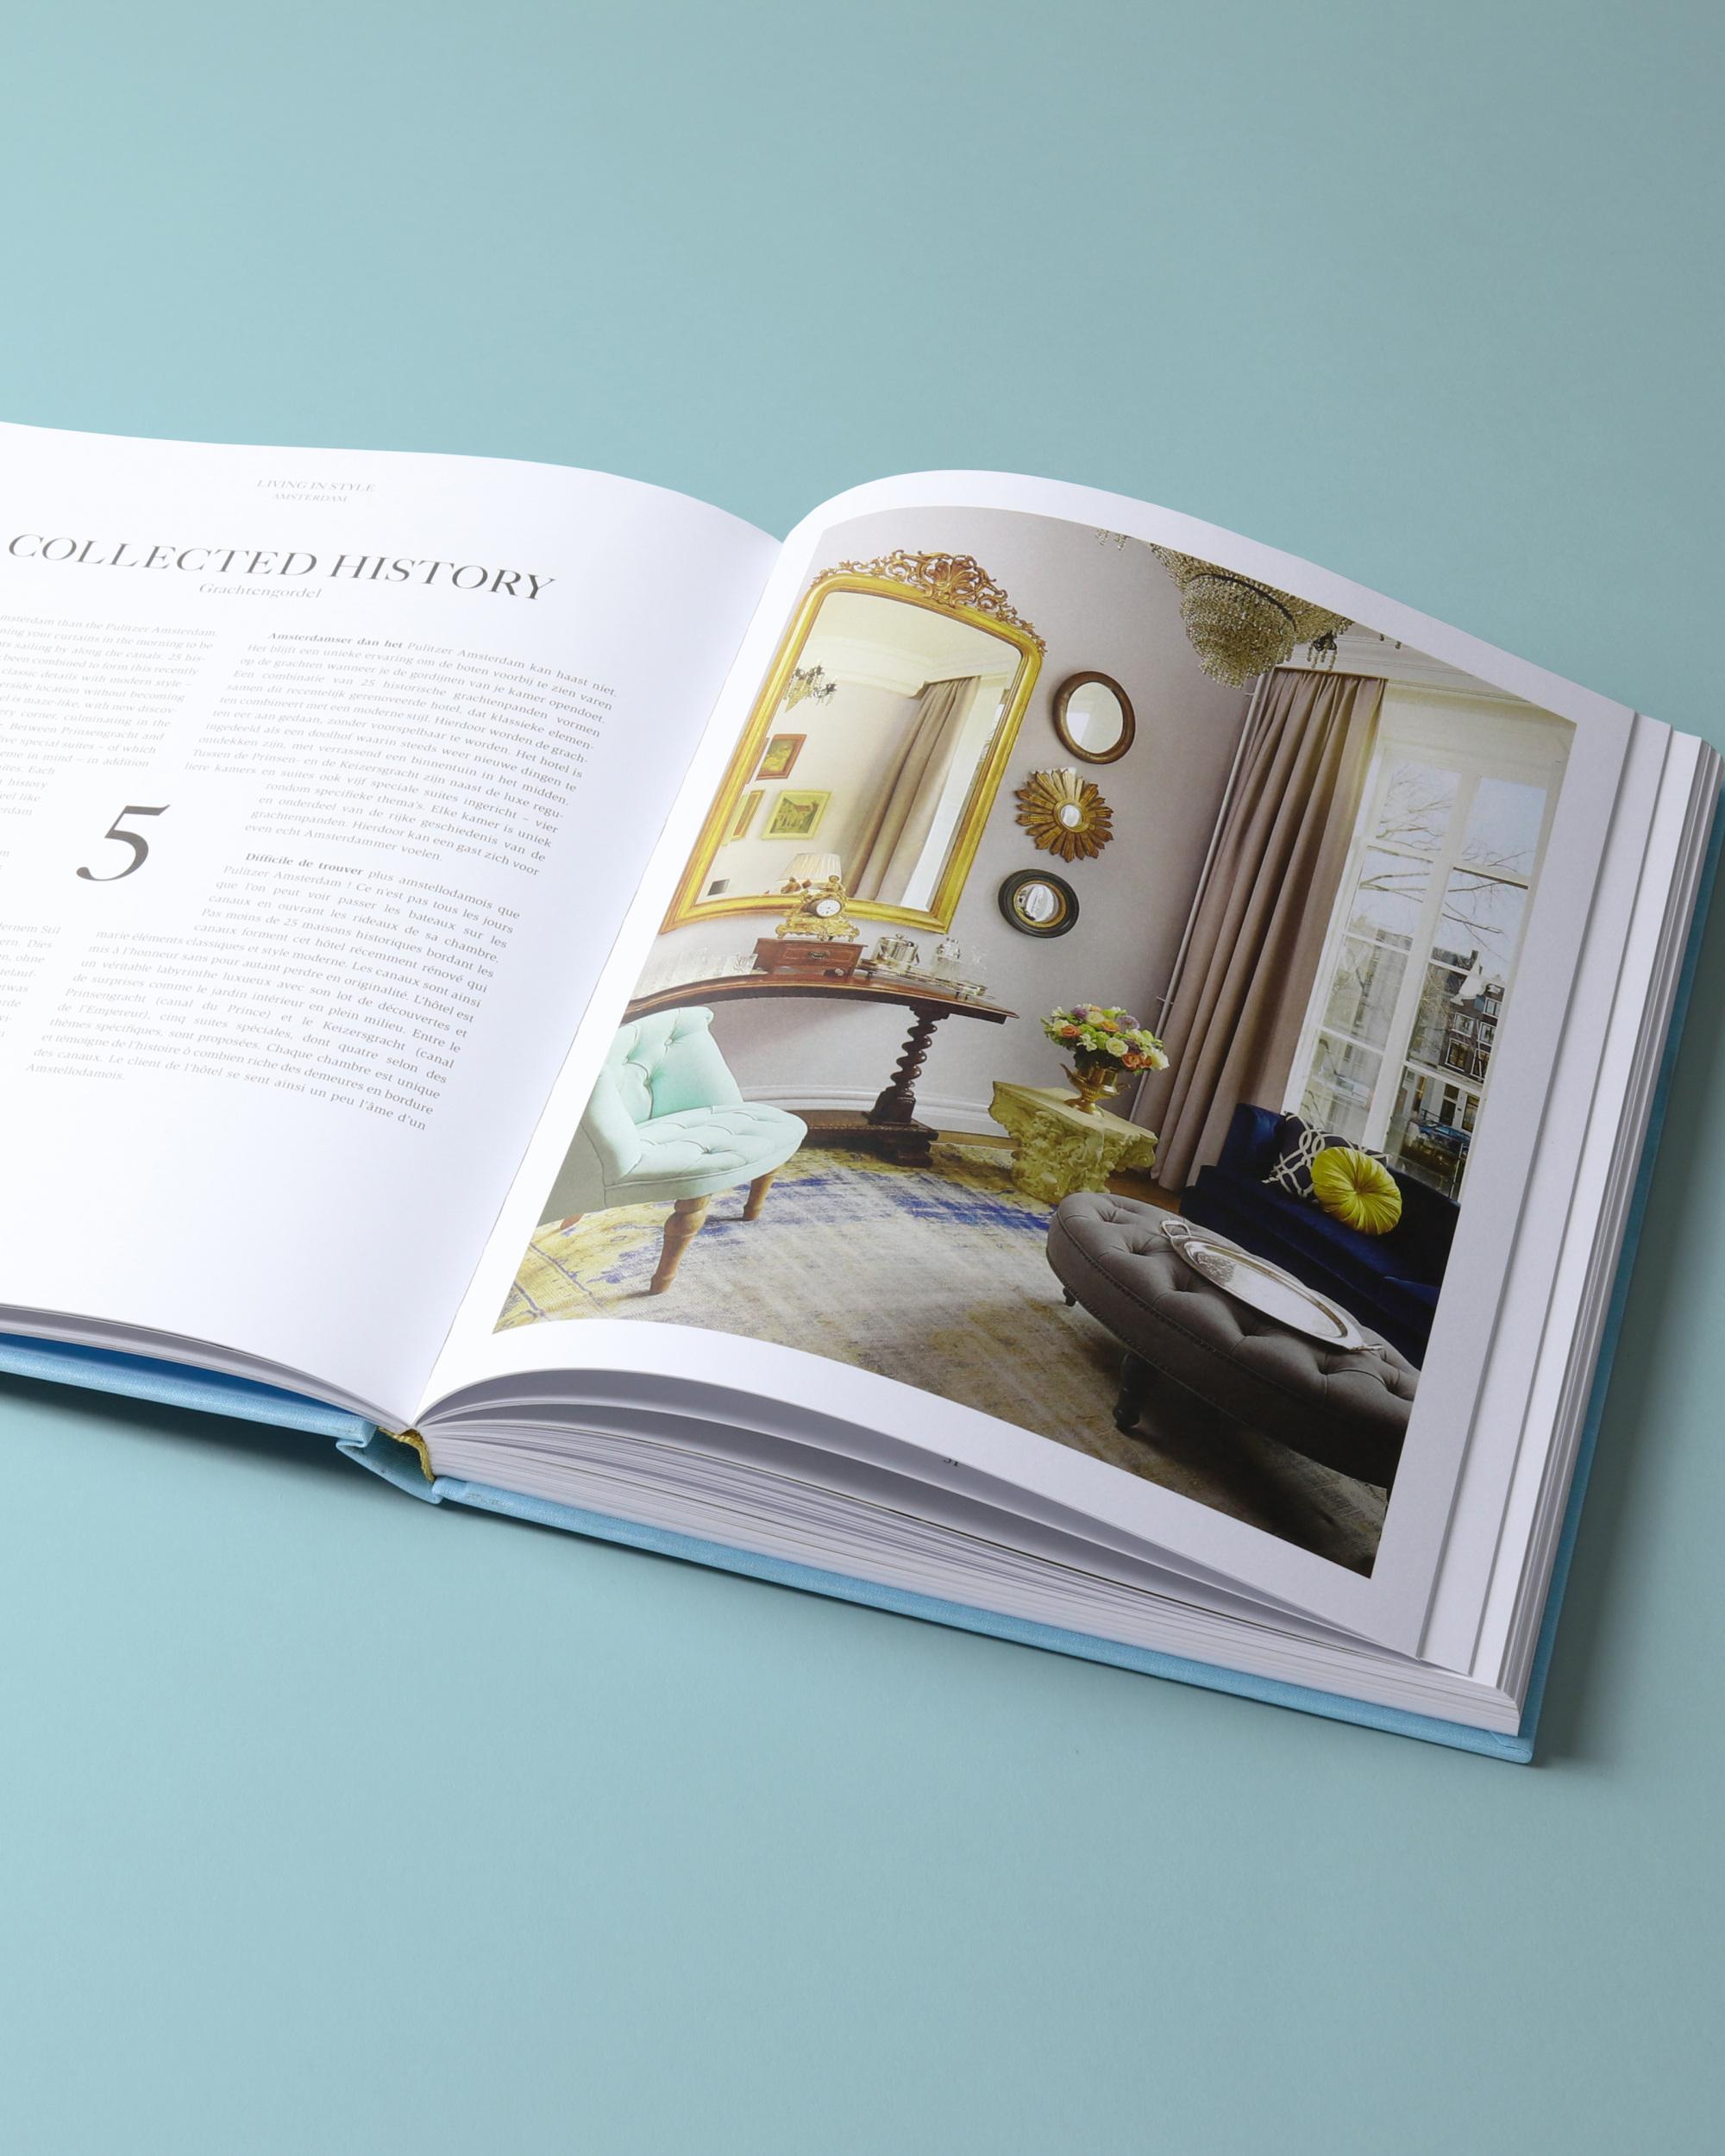 mendo-book-living-in-style-adam-07-2000x2500-c-default.jpg